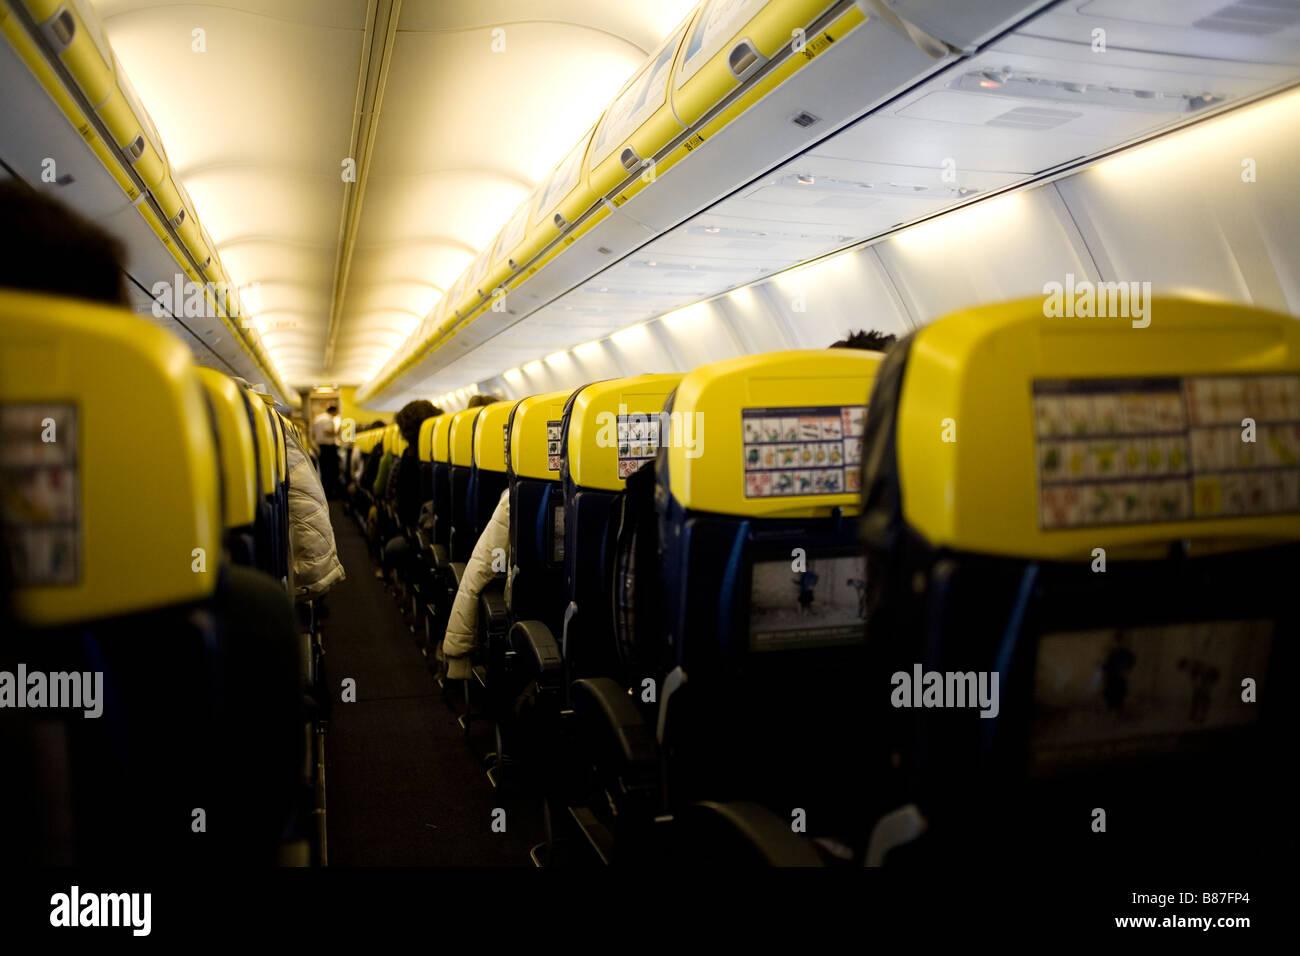 A Ryanair flight - Stock Image